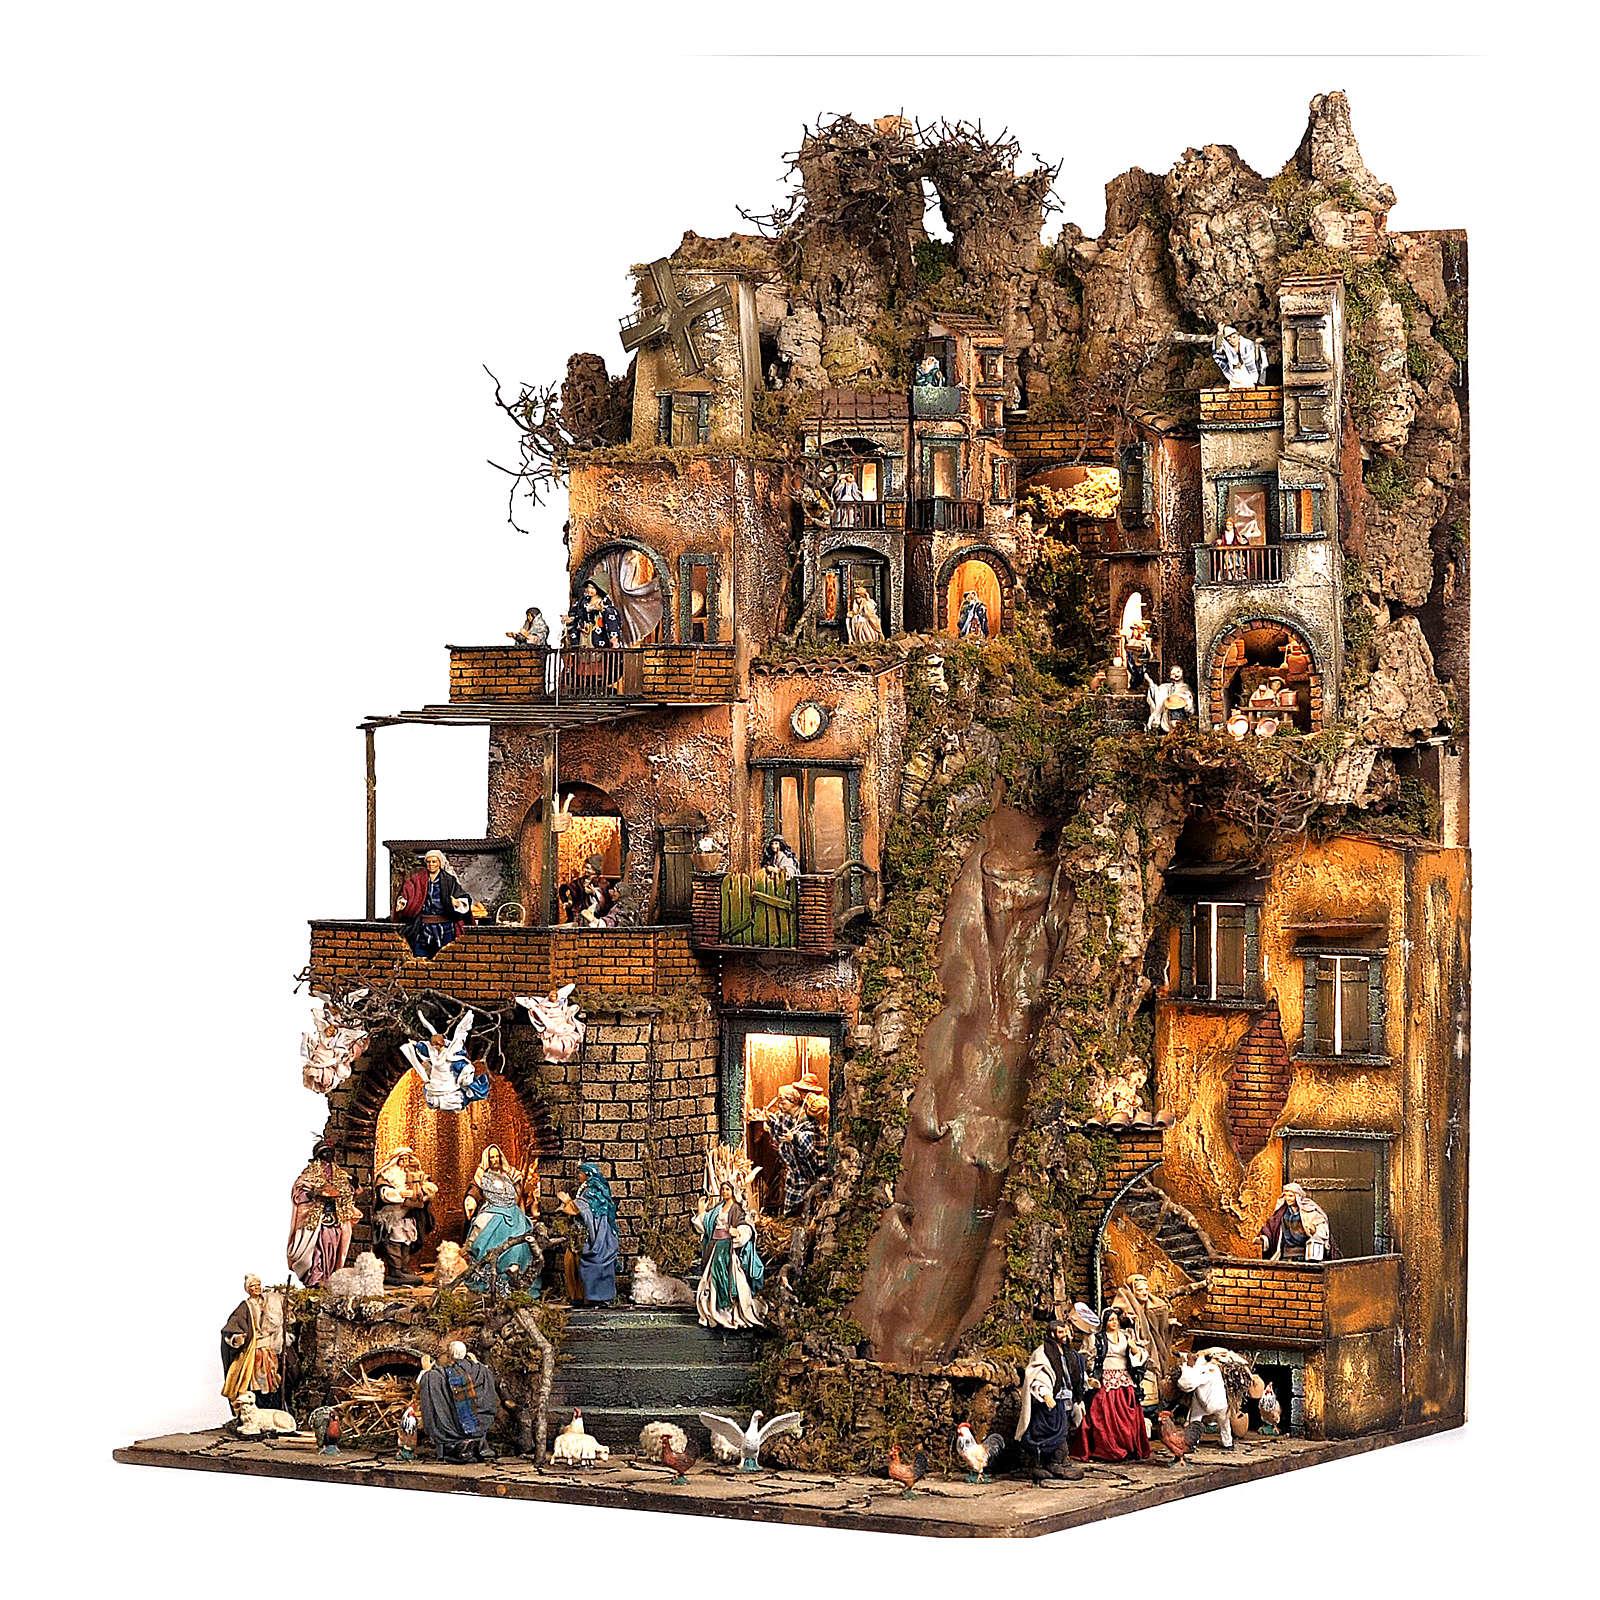 Neapolitan Nativity borough 4 sets complete scene 120x100x100 cm 4